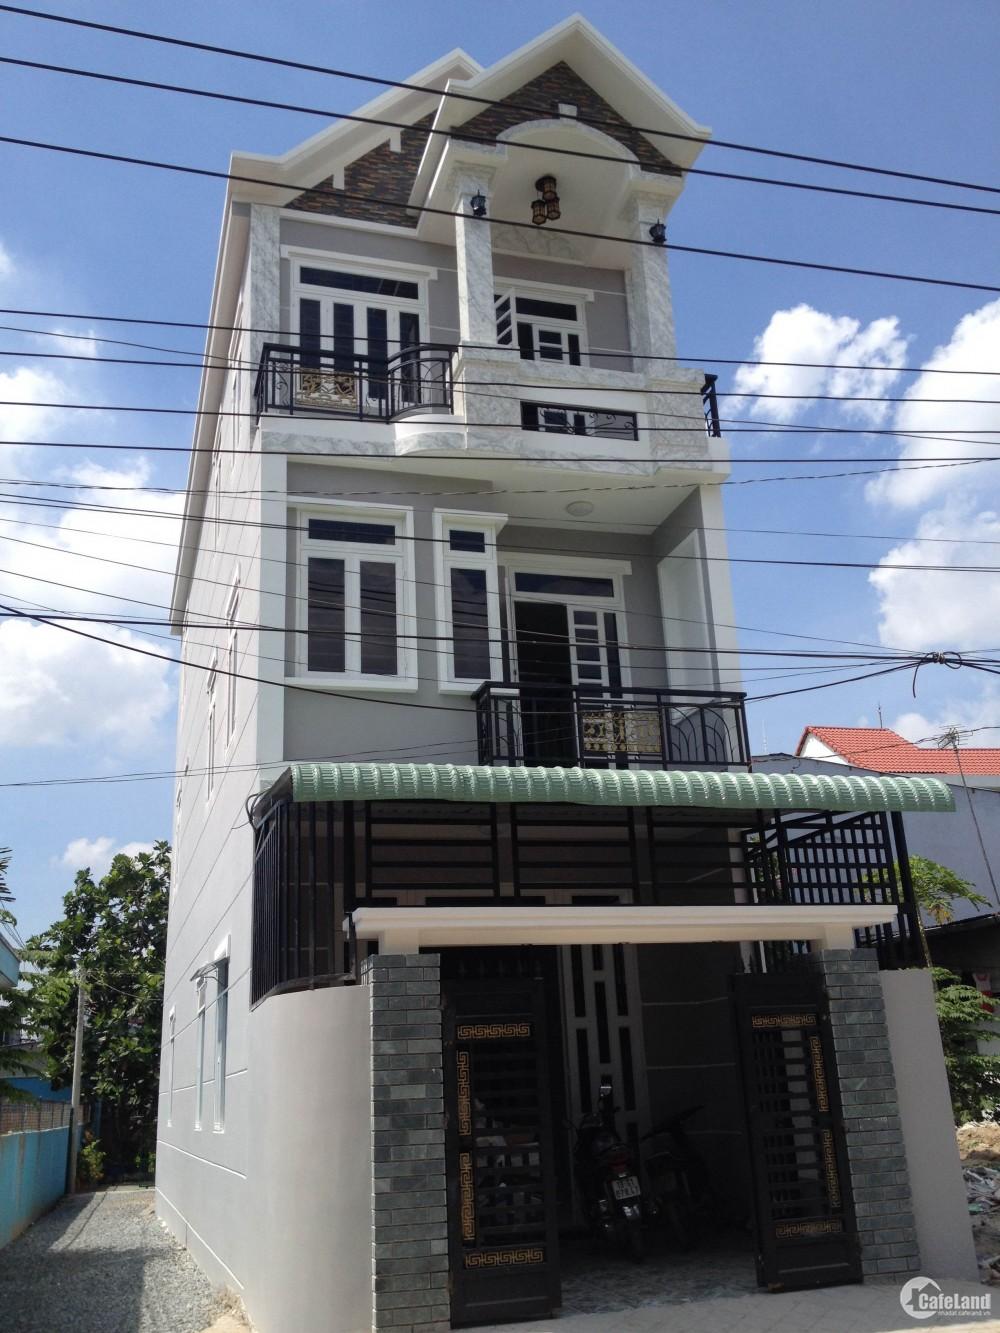 Bán nhà hẻm nhựa đường Nguyễn Hồng Đào, 4.9x16m, giá 7.8 tỷ